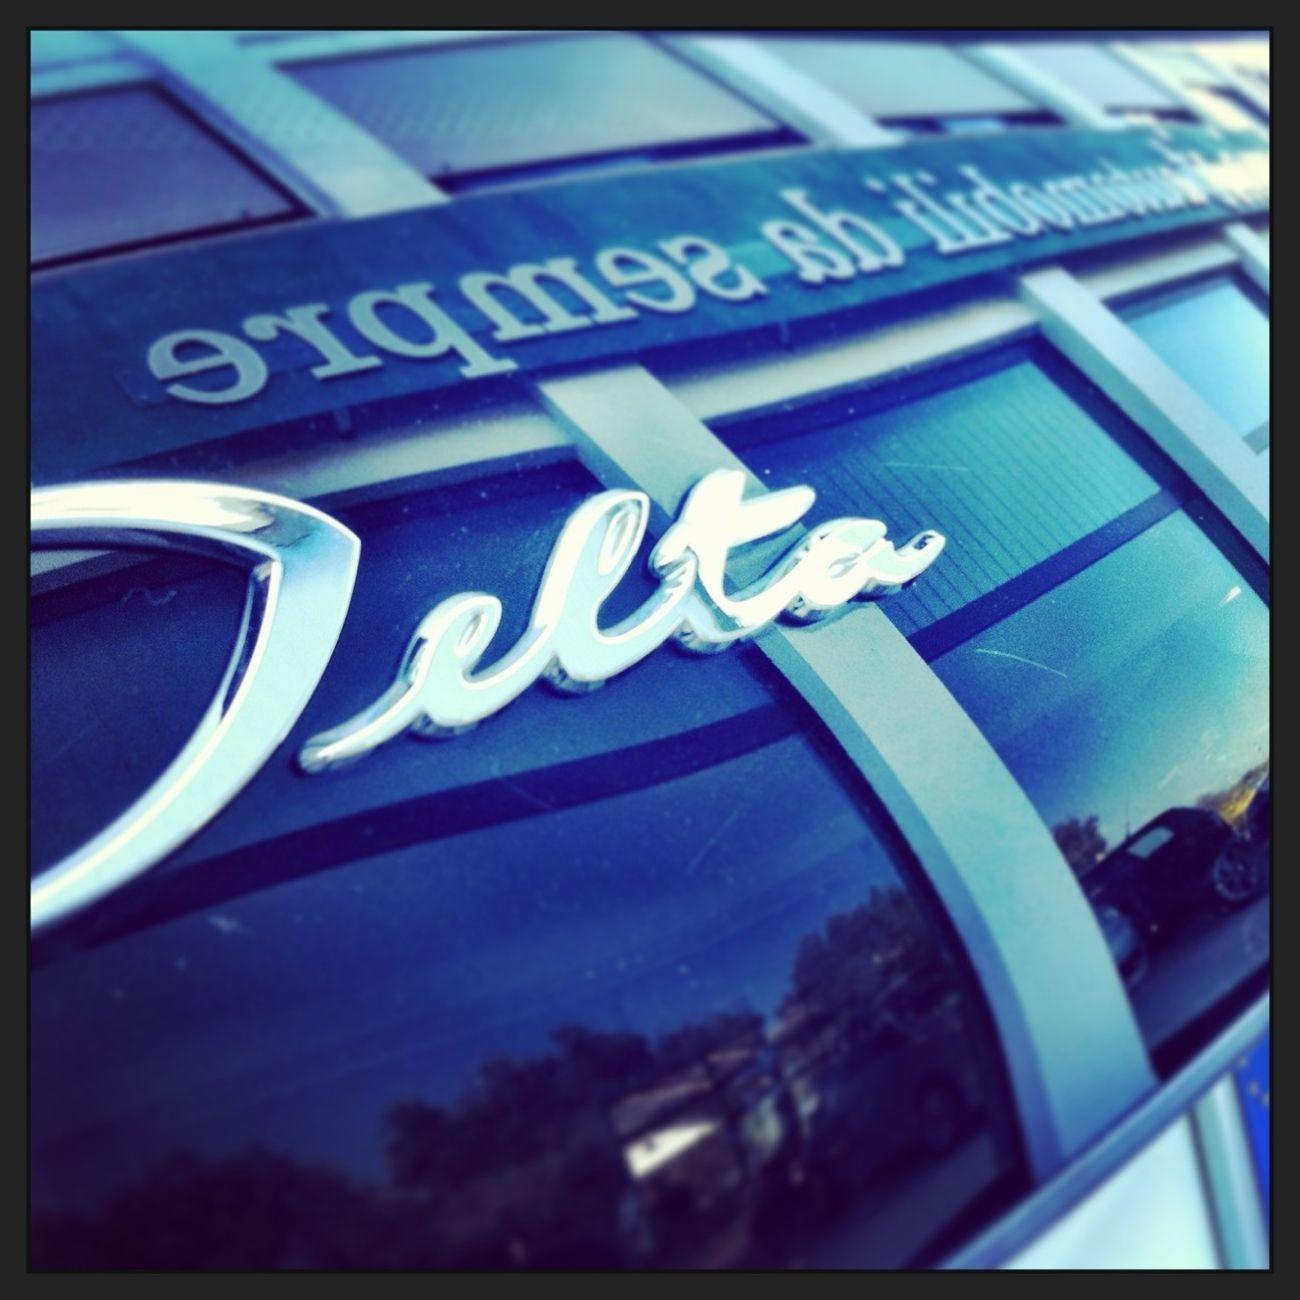 Lancia Delta Www.daddario.it